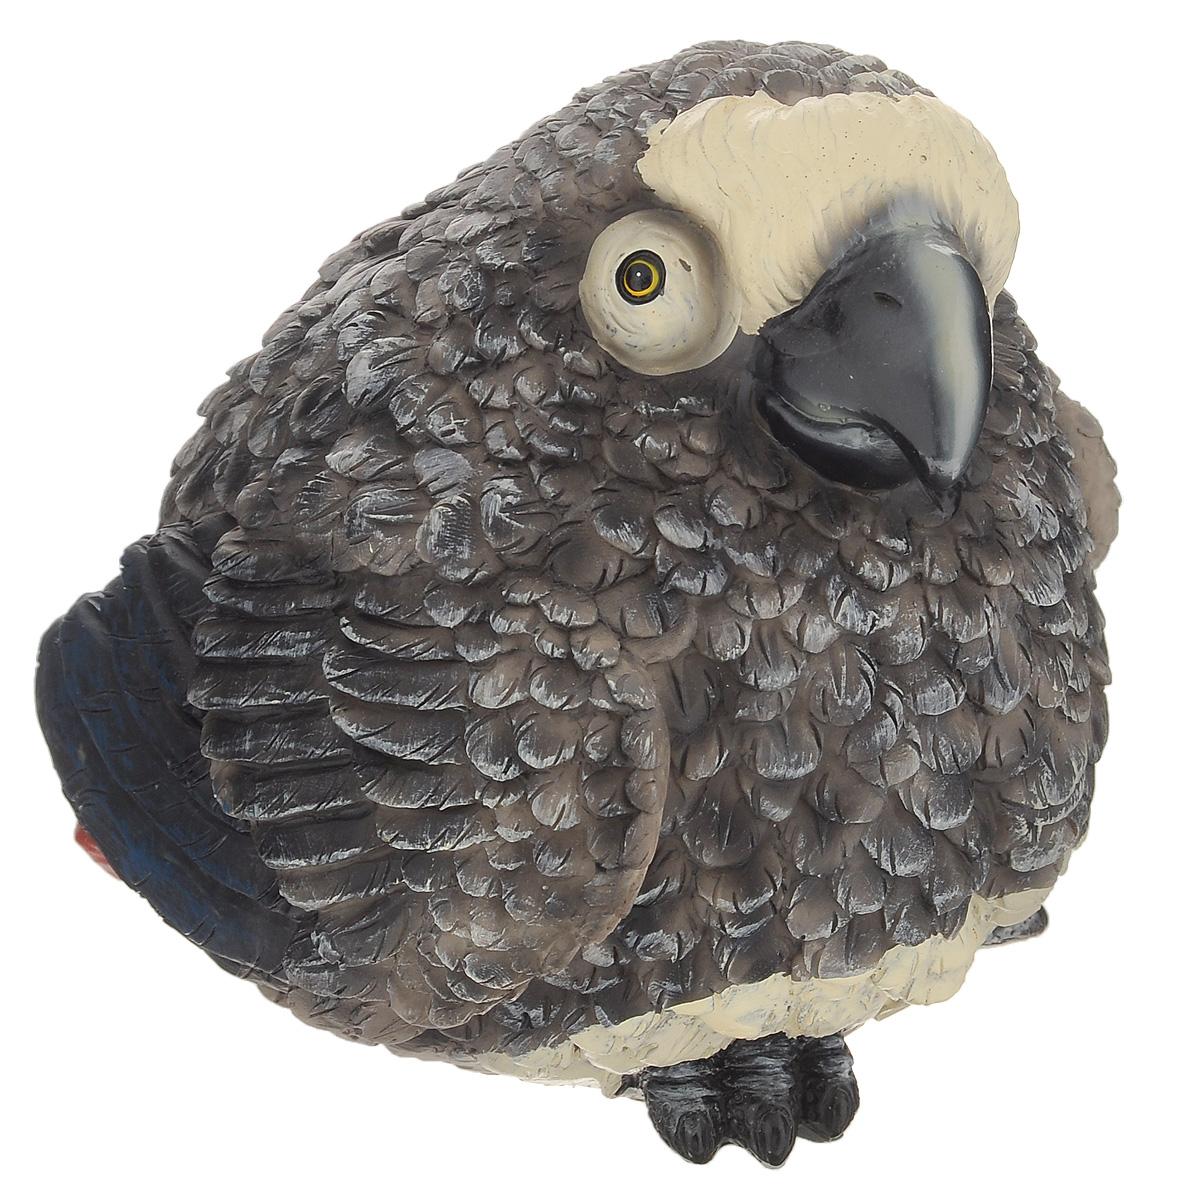 Копилка Korall Попугай, цвет: серый773706Оригинальная копилка Korall Попугай, выполненная из полистоуна в виде забавного серого попугая, станет необычным украшением интерьера и вызовет улыбку у каждого, кто ее увидит. На спине фигурки имеется специальная прорезь для монет. Копилка - это оригинальный и нужный подарок на все случаи жизни. Размер копилки: 15 см х 15 см х 14 см.